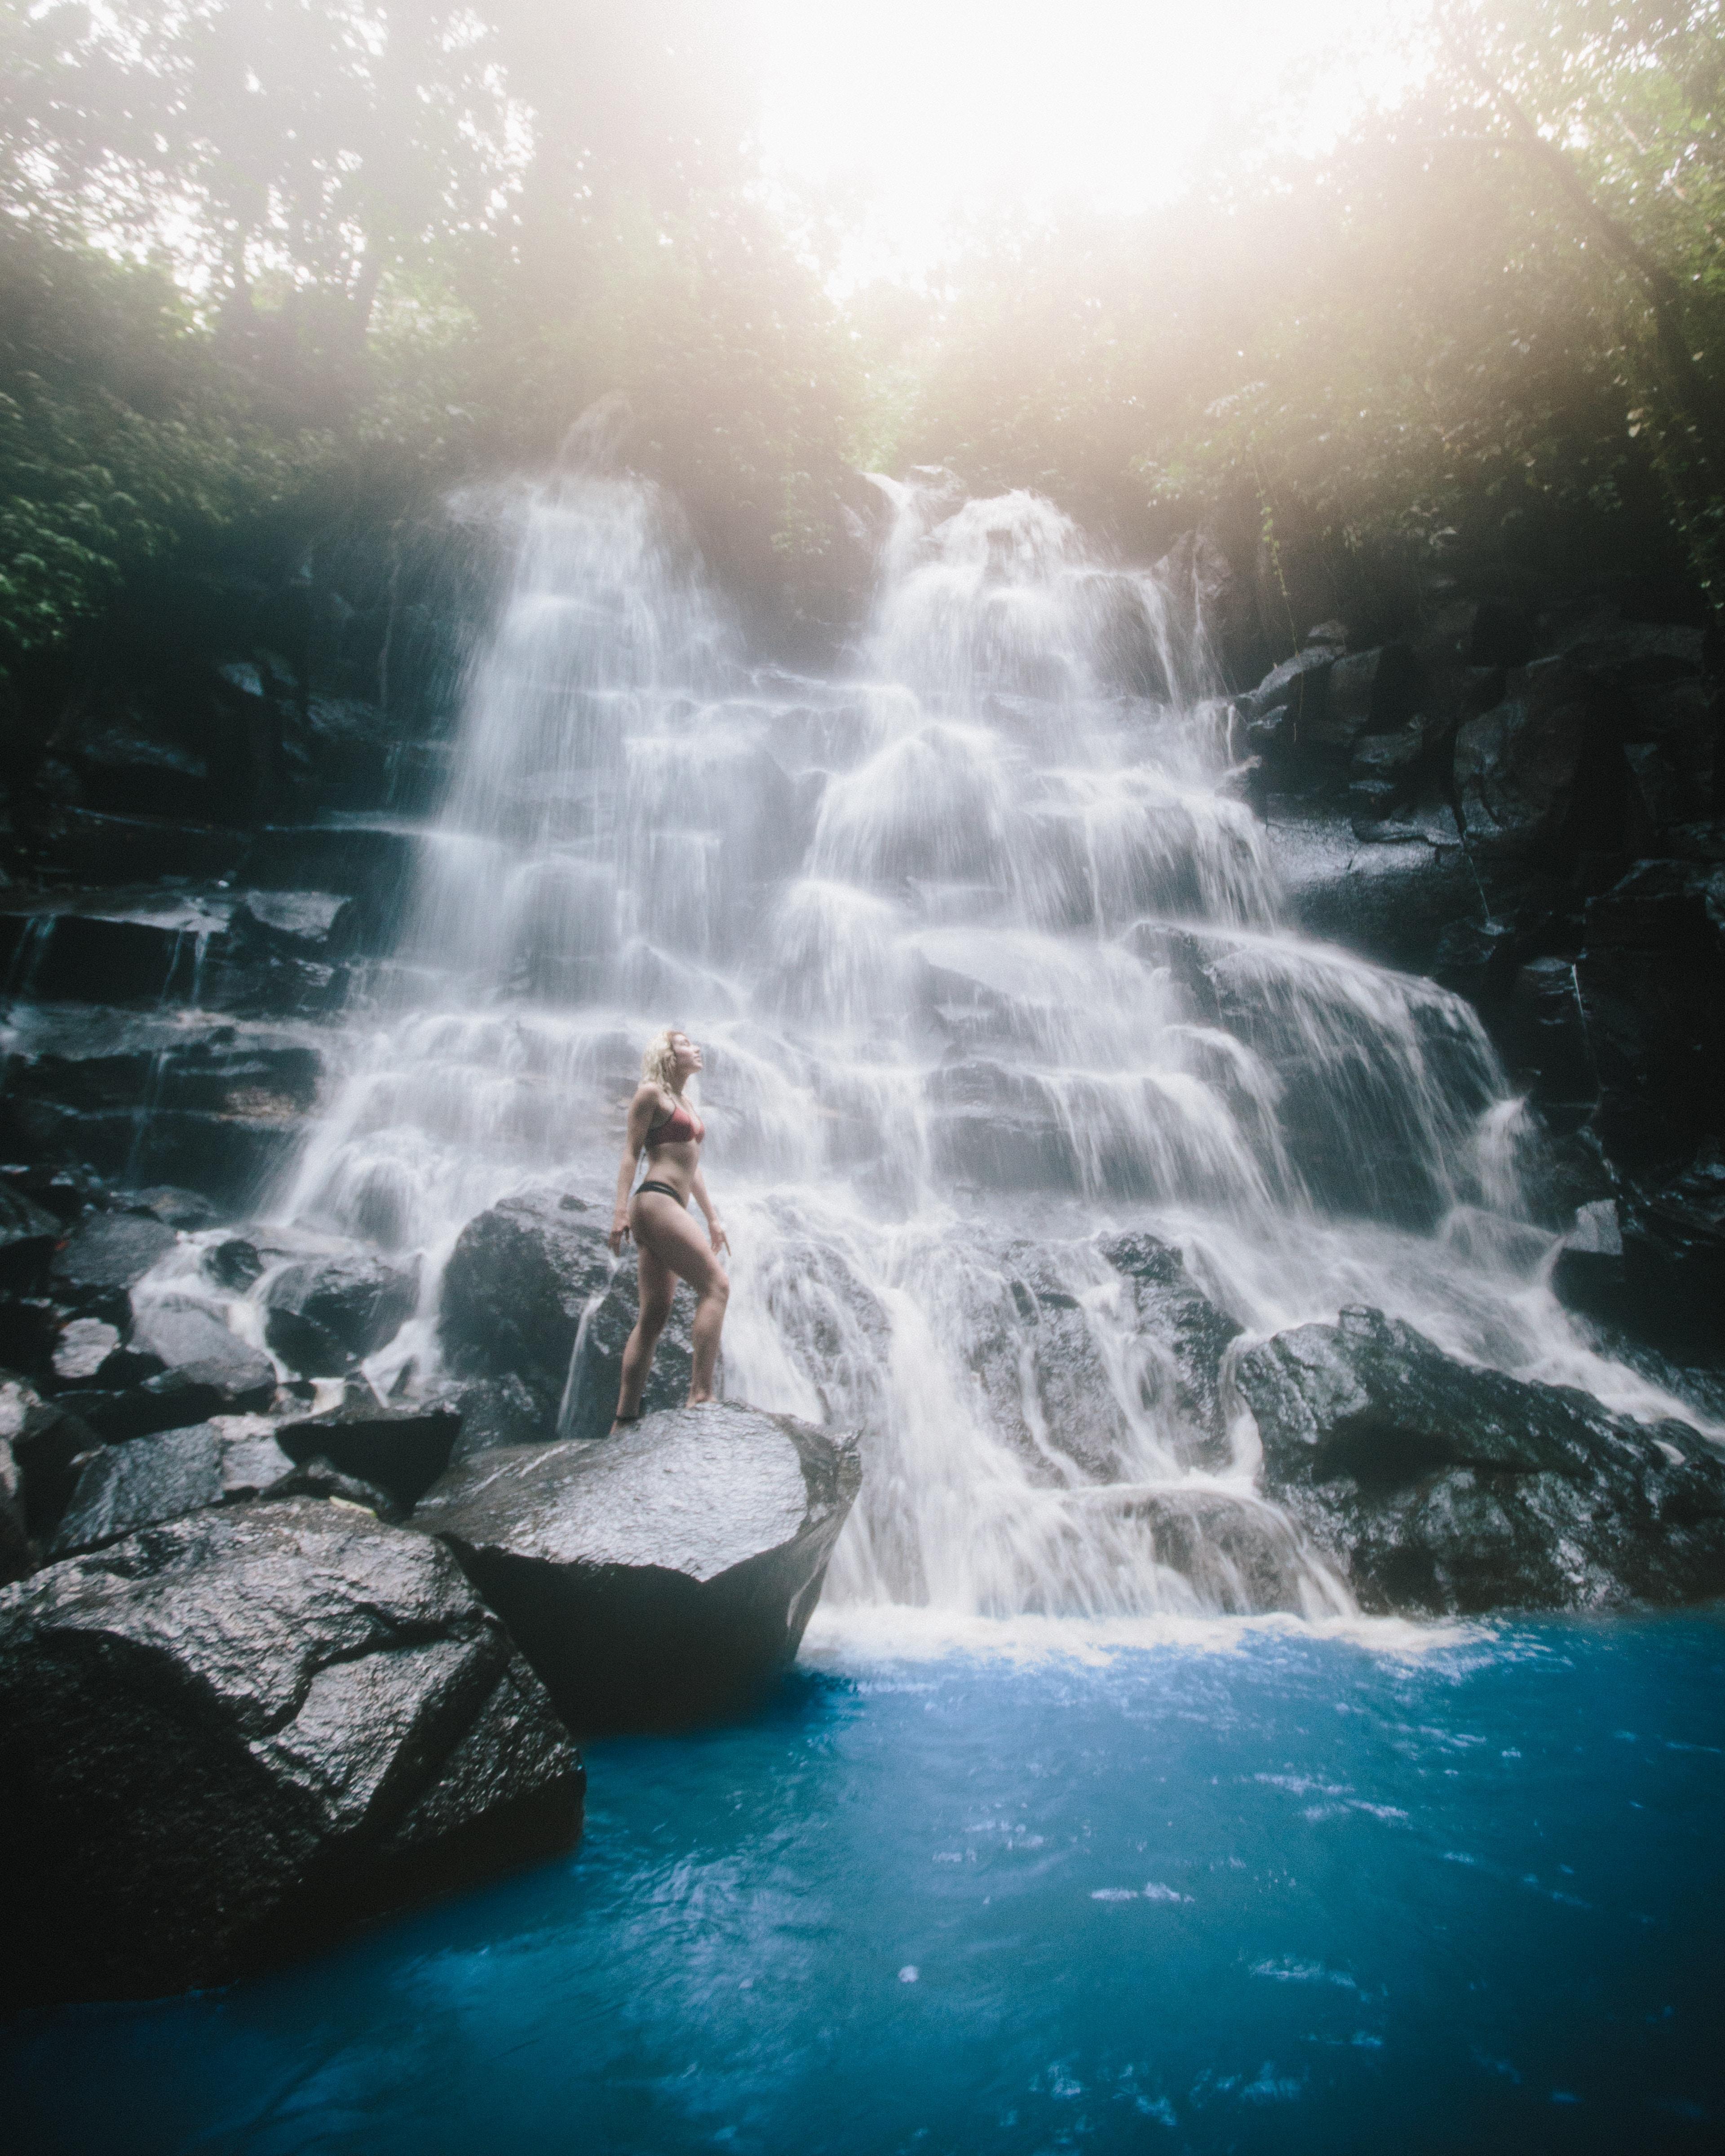 A woman in bikini on a wet rock near a waterfall